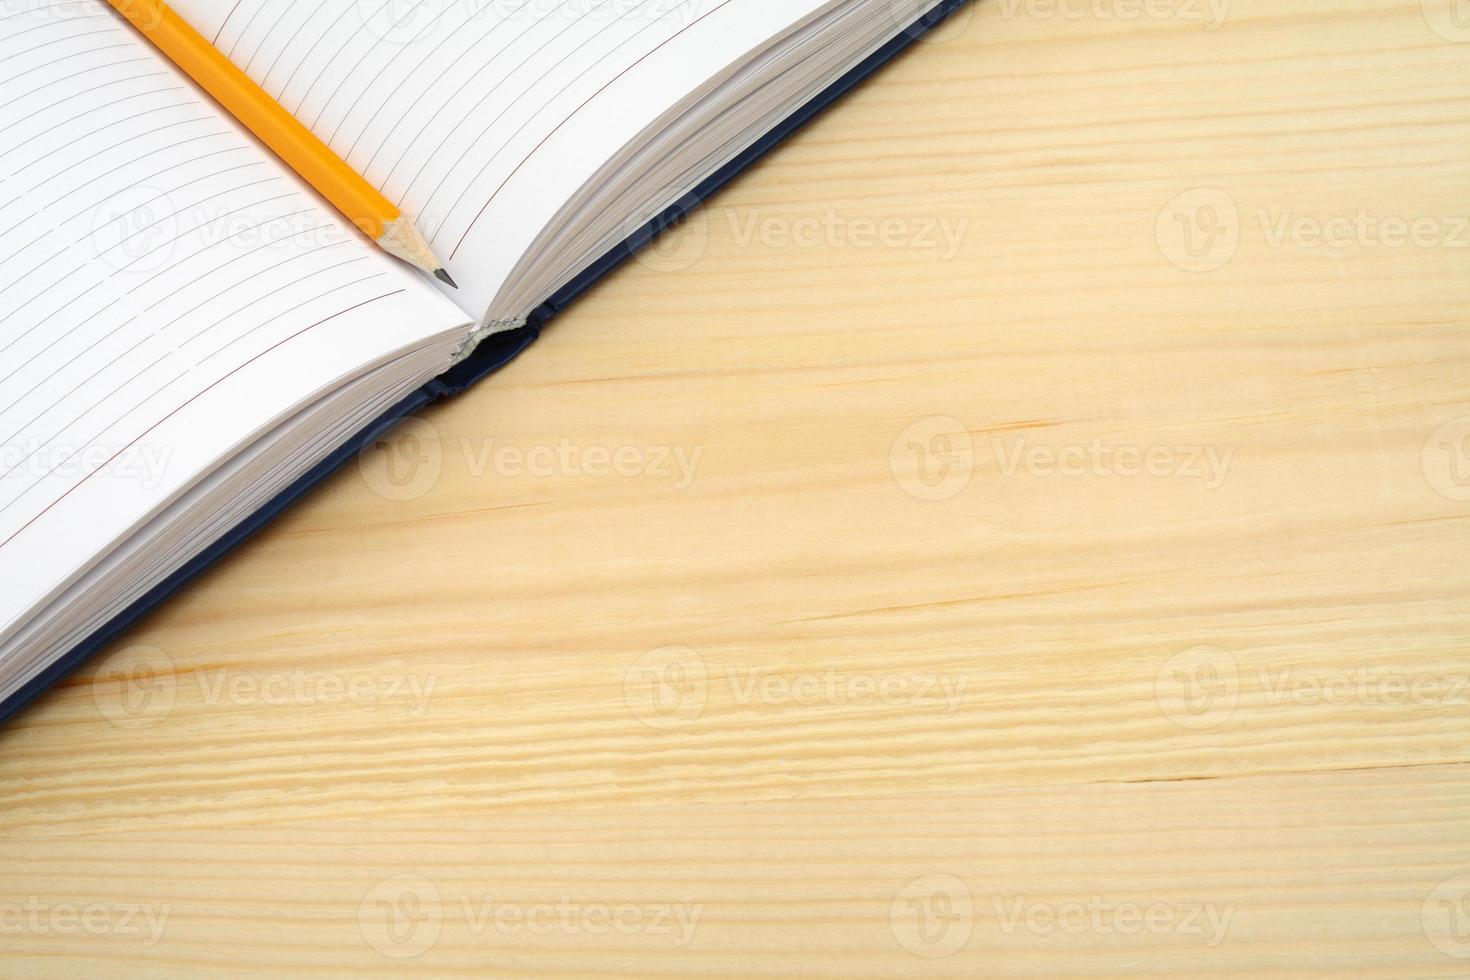 diario e matita sul tavolo di legno con spazio di testo libero. foto